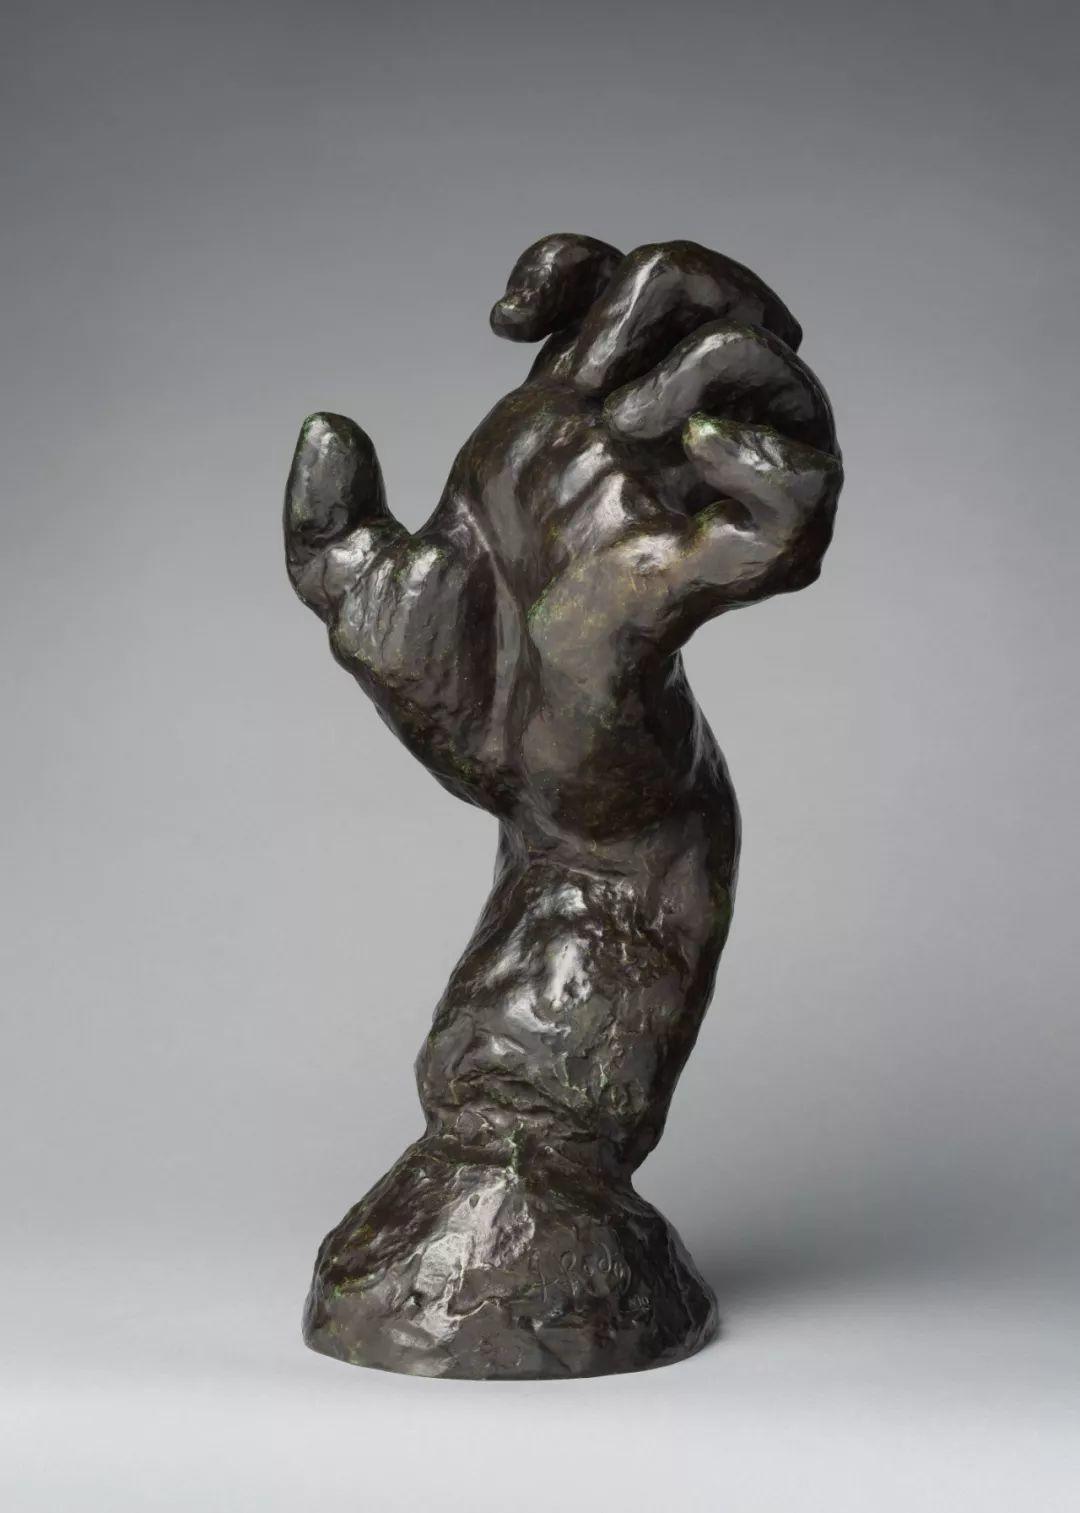 爱上渣男毁一生?!  这位比毕加索还渣的大师,堪称艺术圈渣男之王!插图159